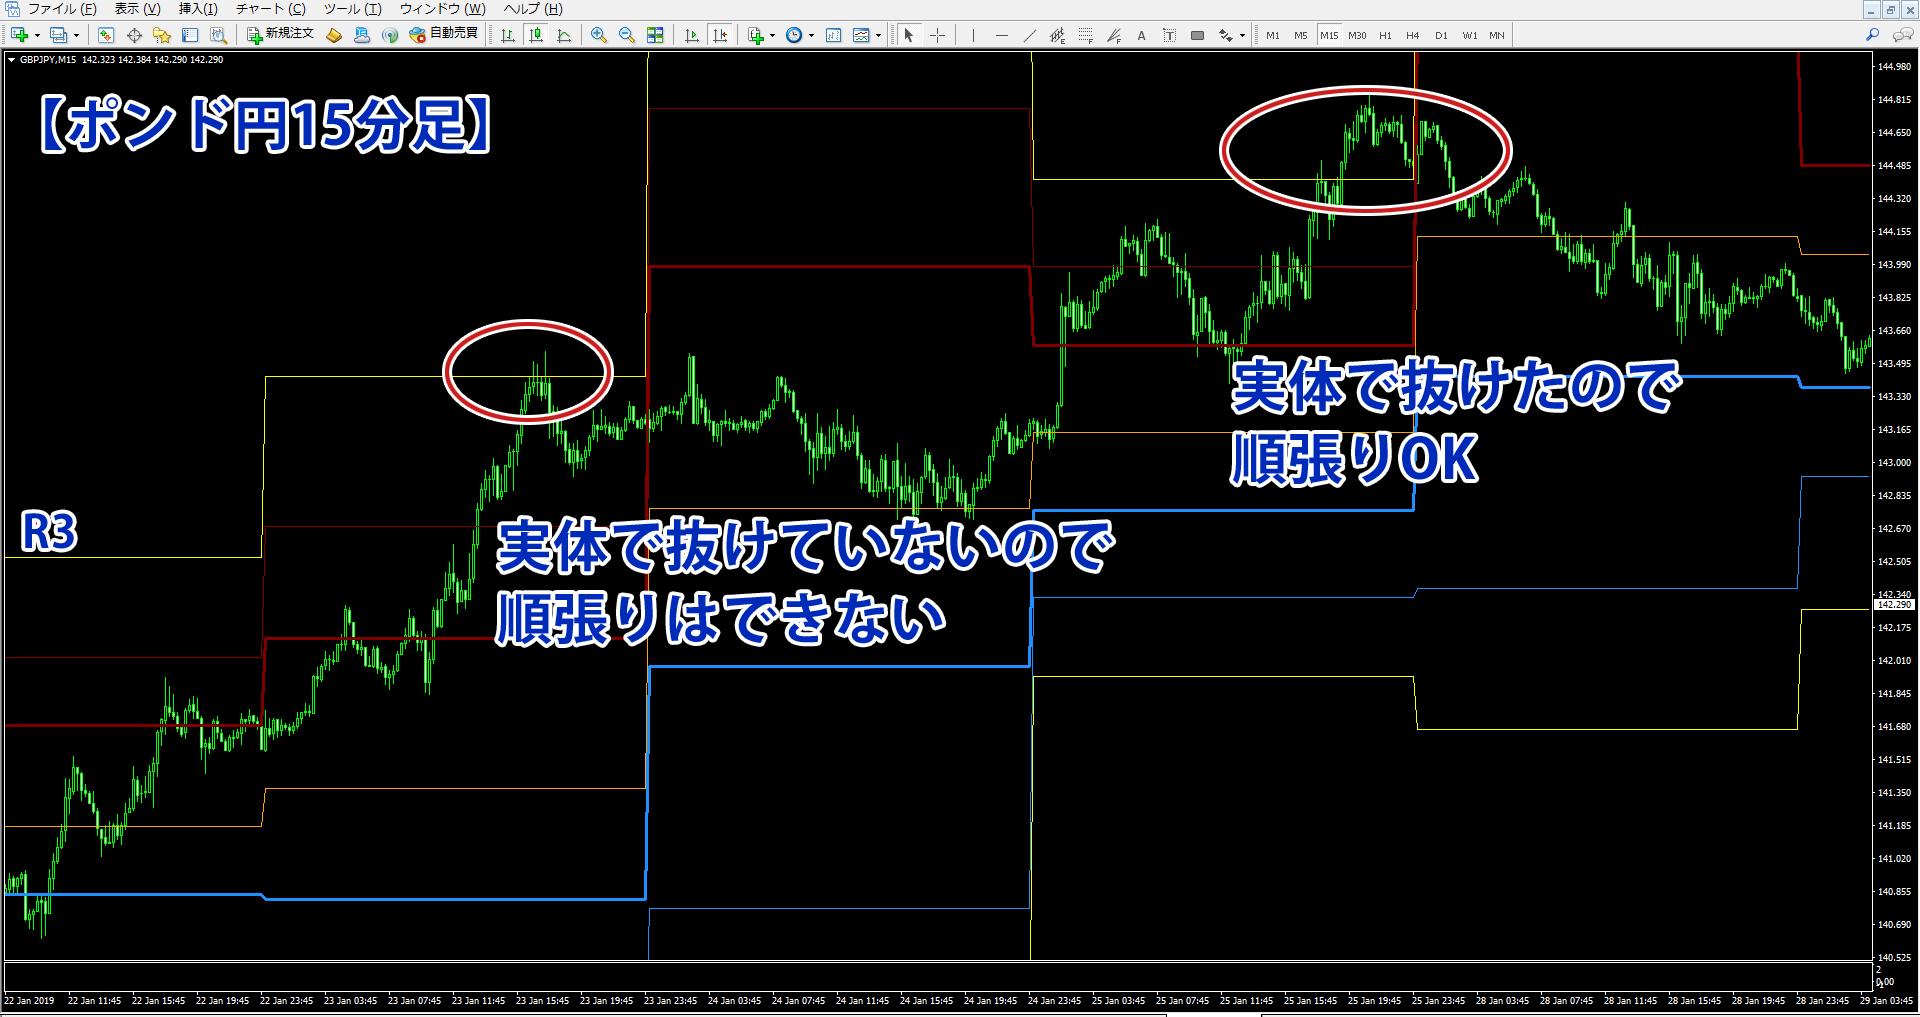 R3に到達したポンド円15分足チャート